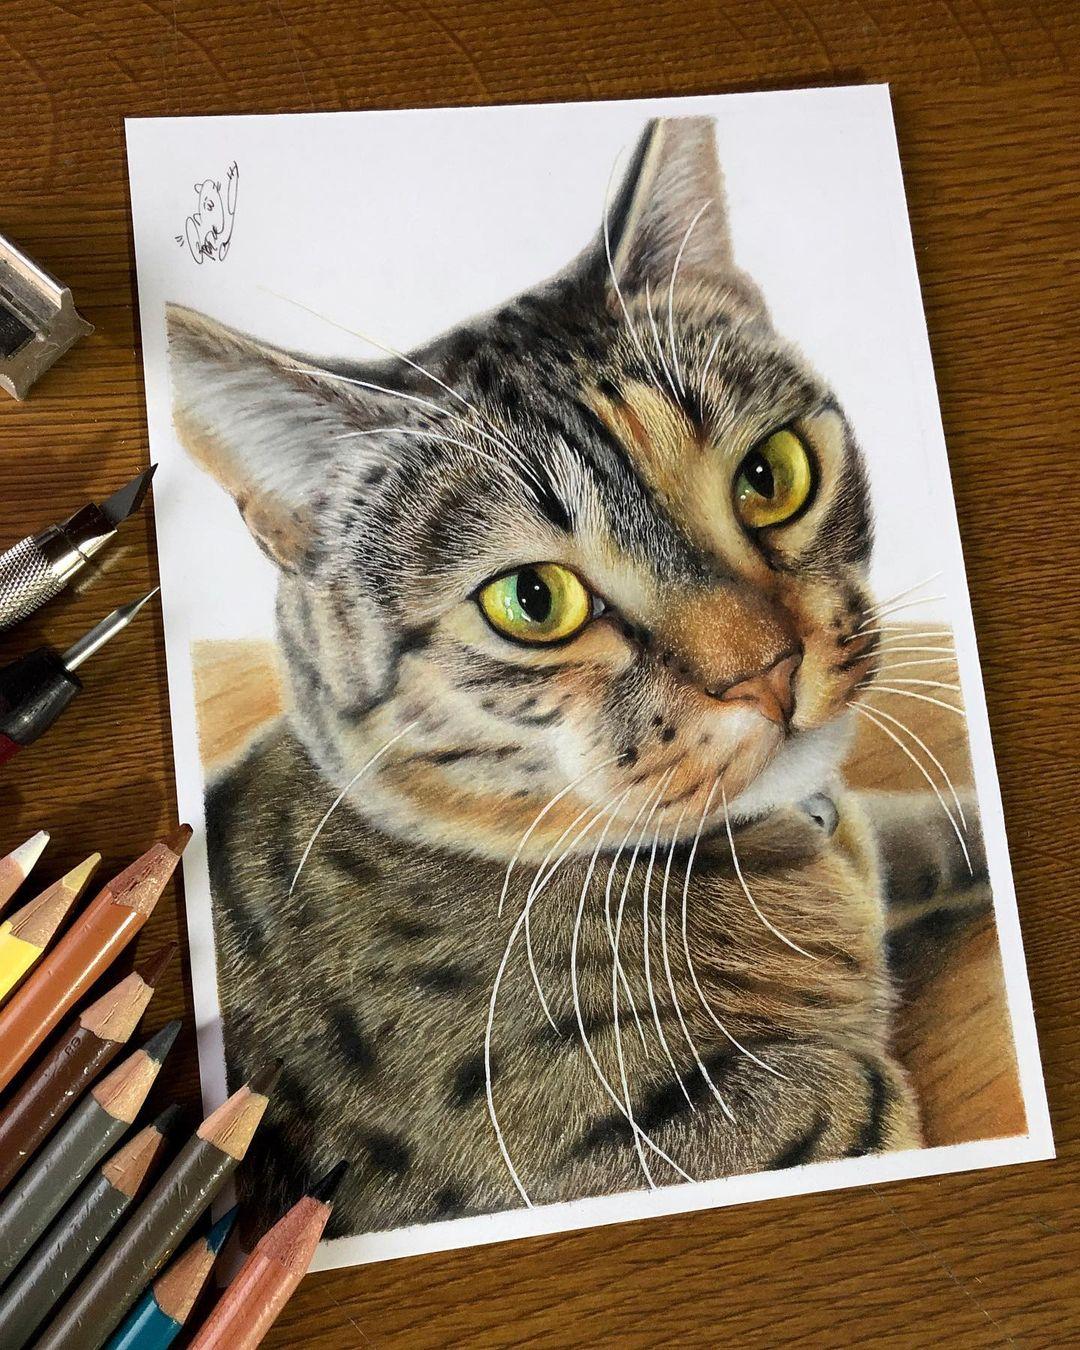 Hyperrealistic Cat Drawings by Haruki Kudo